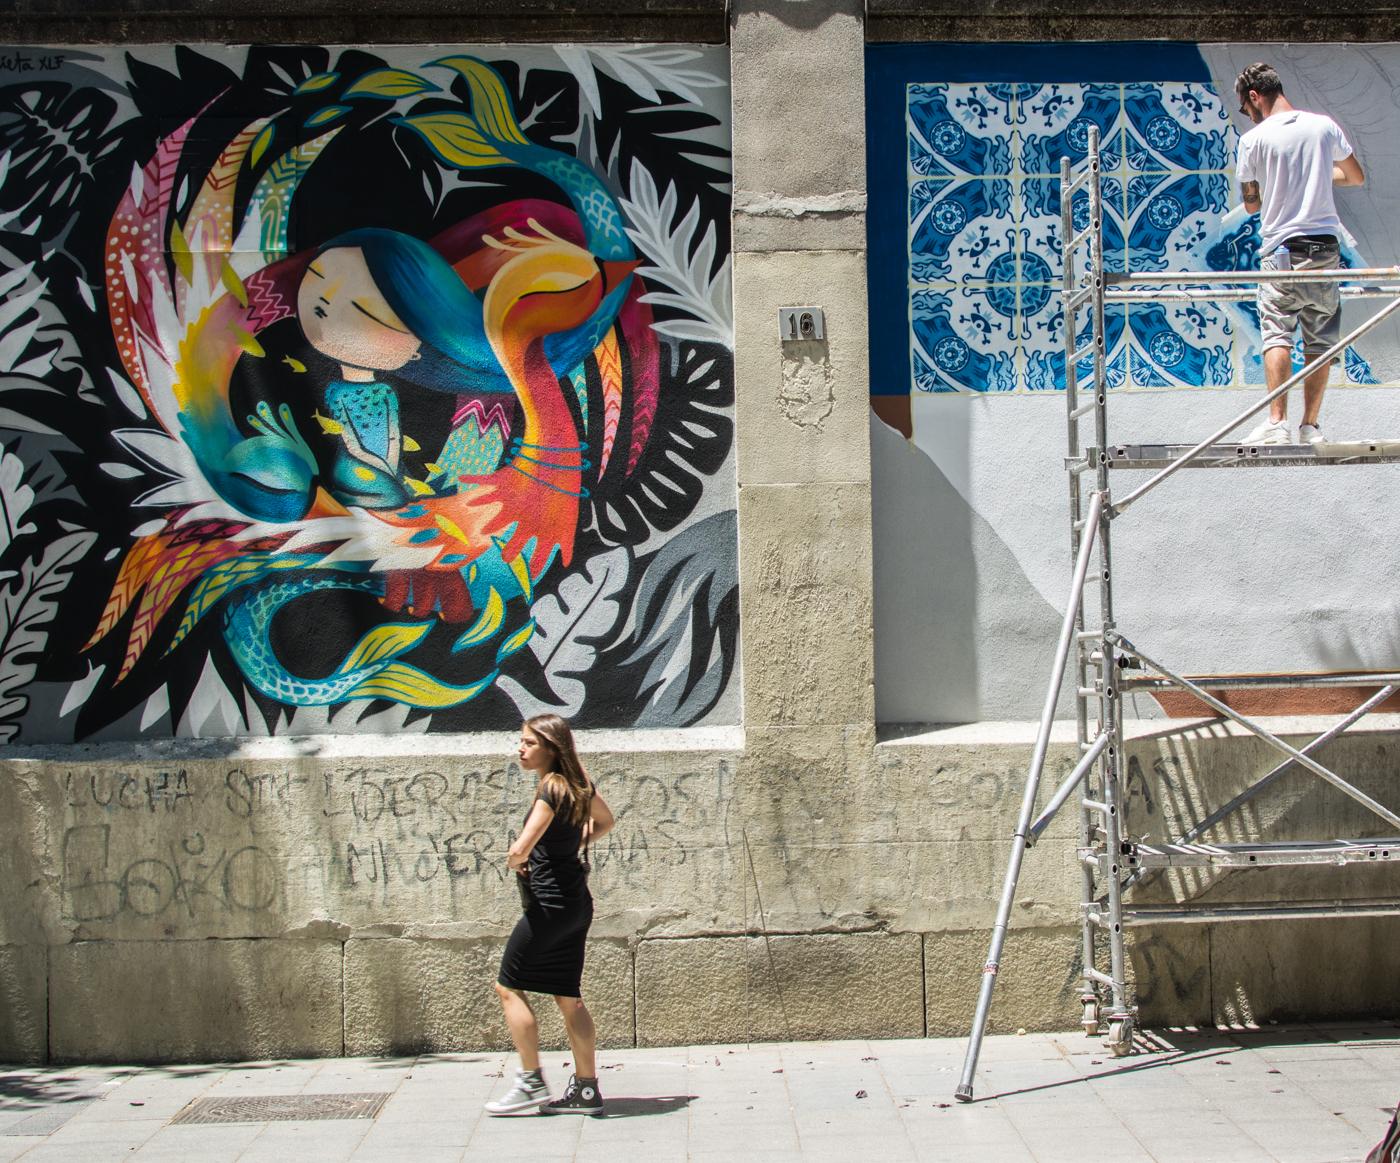 Add Fuel - MurosTabacalera by Guillermo de la Madrid - Madrid Street Art Project-38.jpg